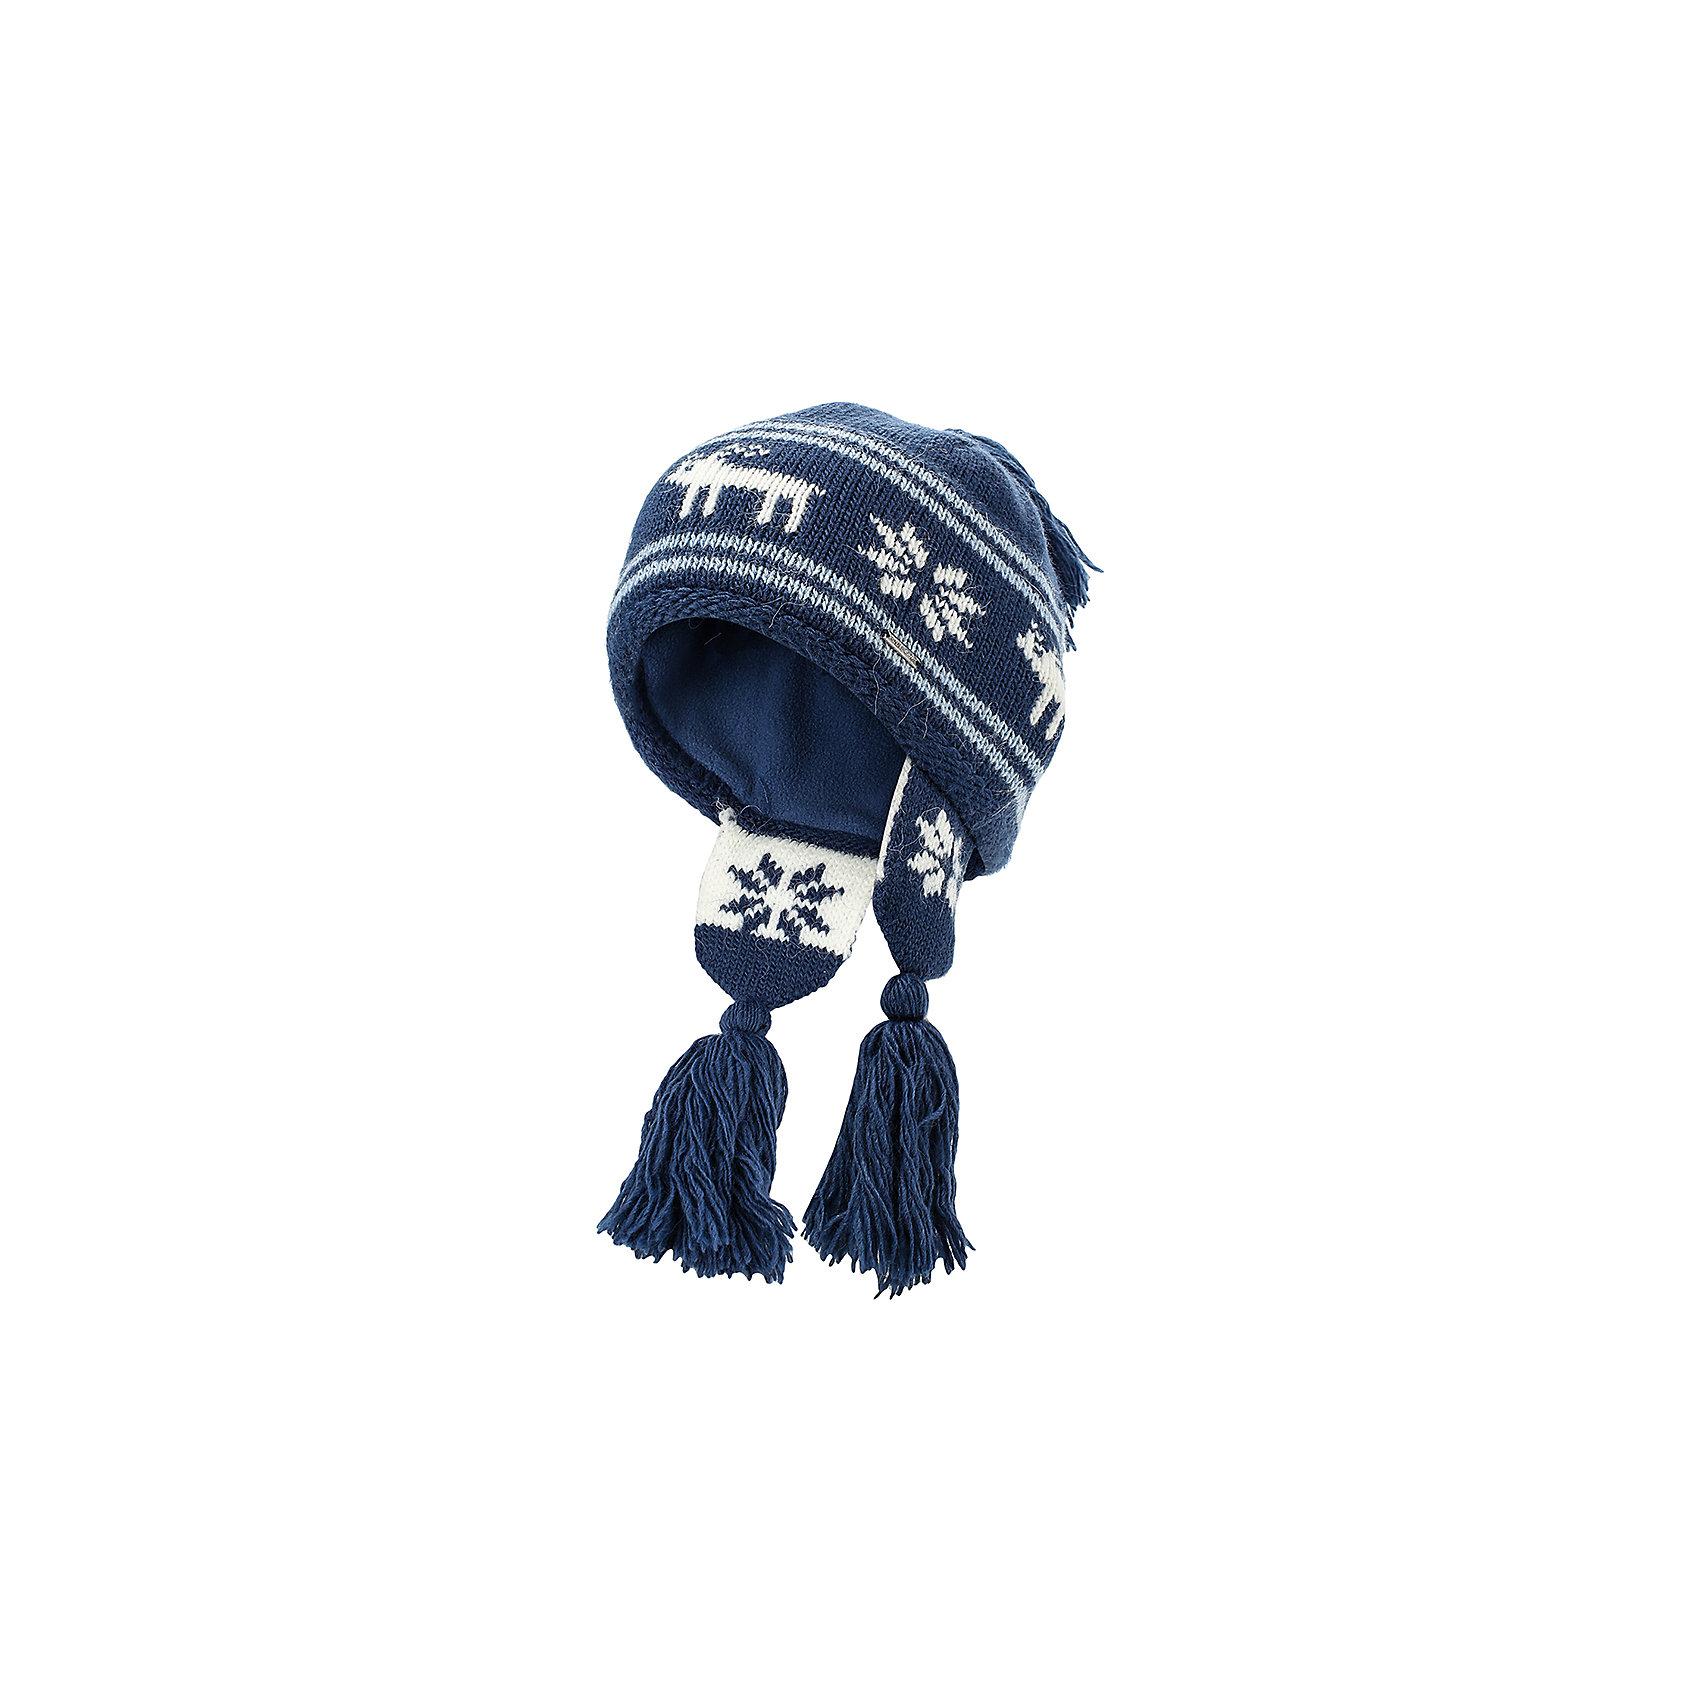 Шапка для девочки Finn FlareГоловные уборы<br>Шапка известной марки Finn Flare.<br><br>Теплая шапочка для зимнего периода оснащена «ушками» с кисточками, есть помпон-кисточка. Шапка вязаная, декорирована вязаной аппликацией «олень+снежинки». Теплая и нарядная шапочка на подкладке защищает от ветра, снега и холода, не колется и не растягивается. <br><br>Фактура материала: Трикотажный<br><br>Состав: 70% шерсть, 30% акрил<br>Подкладка: 100% полиэстер<br><br>Шапку для девочки Finn Flare можно купить в нашем интернет-магазине.<br><br>Ширина мм: 89<br>Глубина мм: 117<br>Высота мм: 44<br>Вес г: 155<br>Цвет: синий<br>Возраст от месяцев: 60<br>Возраст до месяцев: 72<br>Пол: Женский<br>Возраст: Детский<br>Размер: 54<br>SKU: 4890078